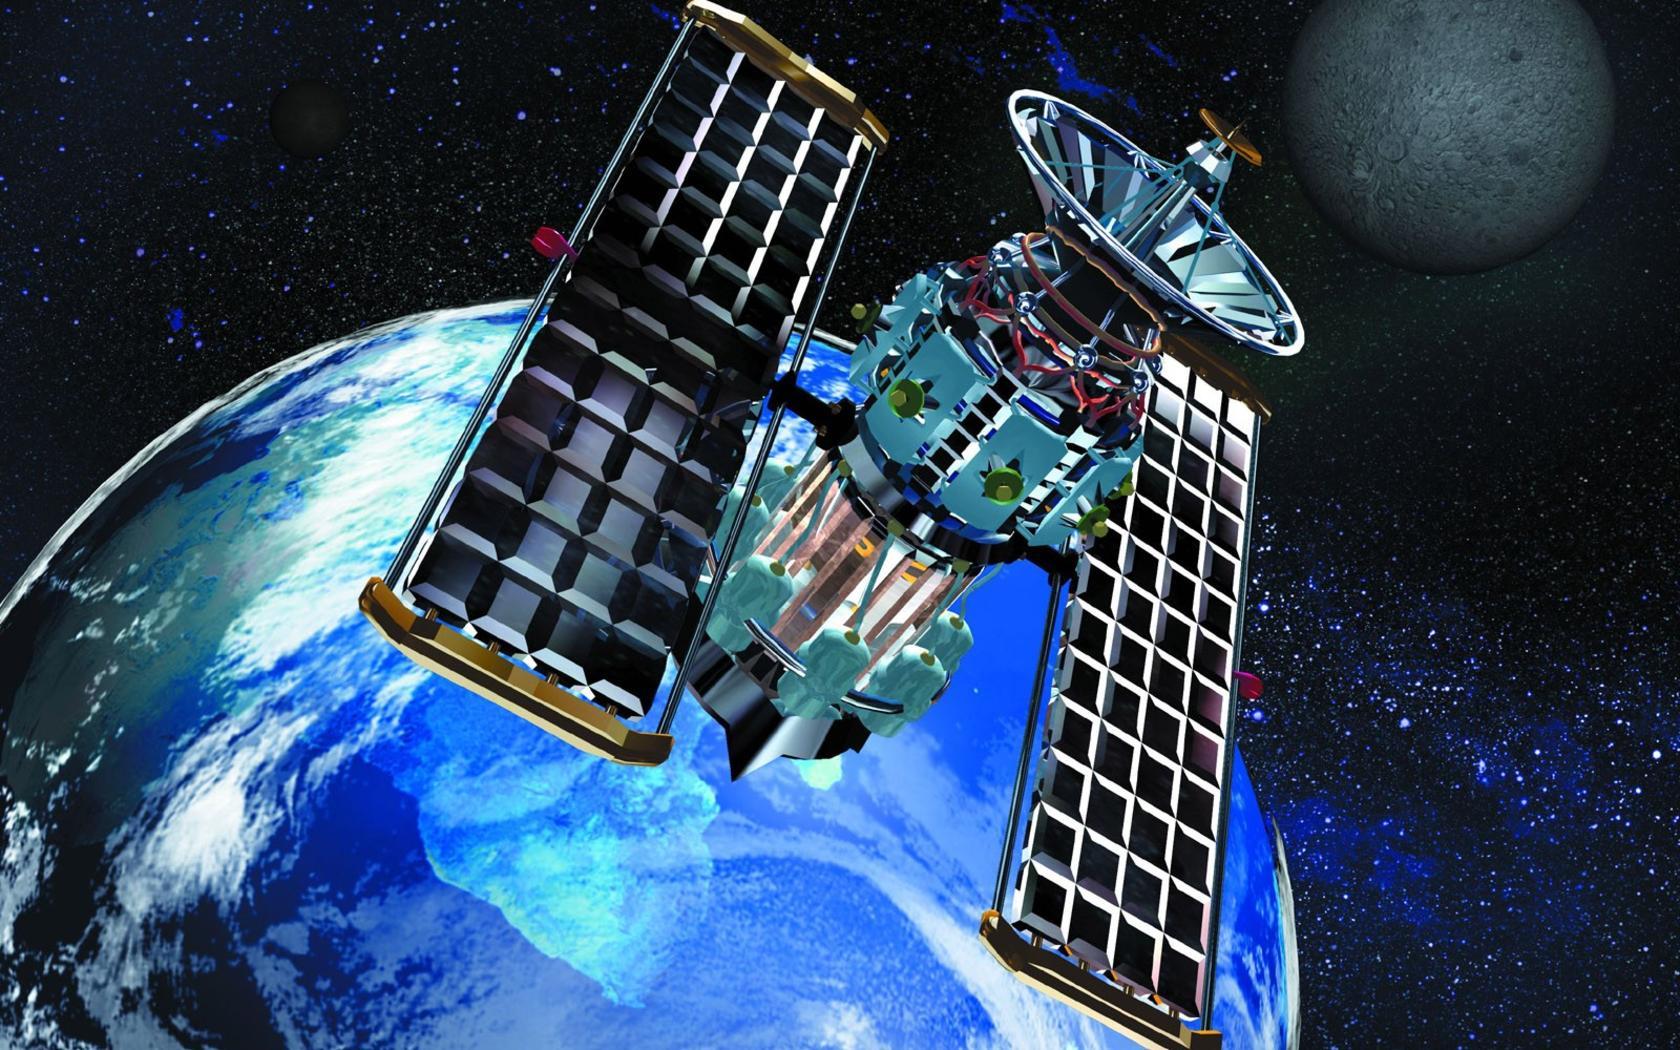 เครื่องพิมพ์สามมิติถูกนำมาใช้ช่วยประหยัดต้นทุนการผลิตดาวเทียม